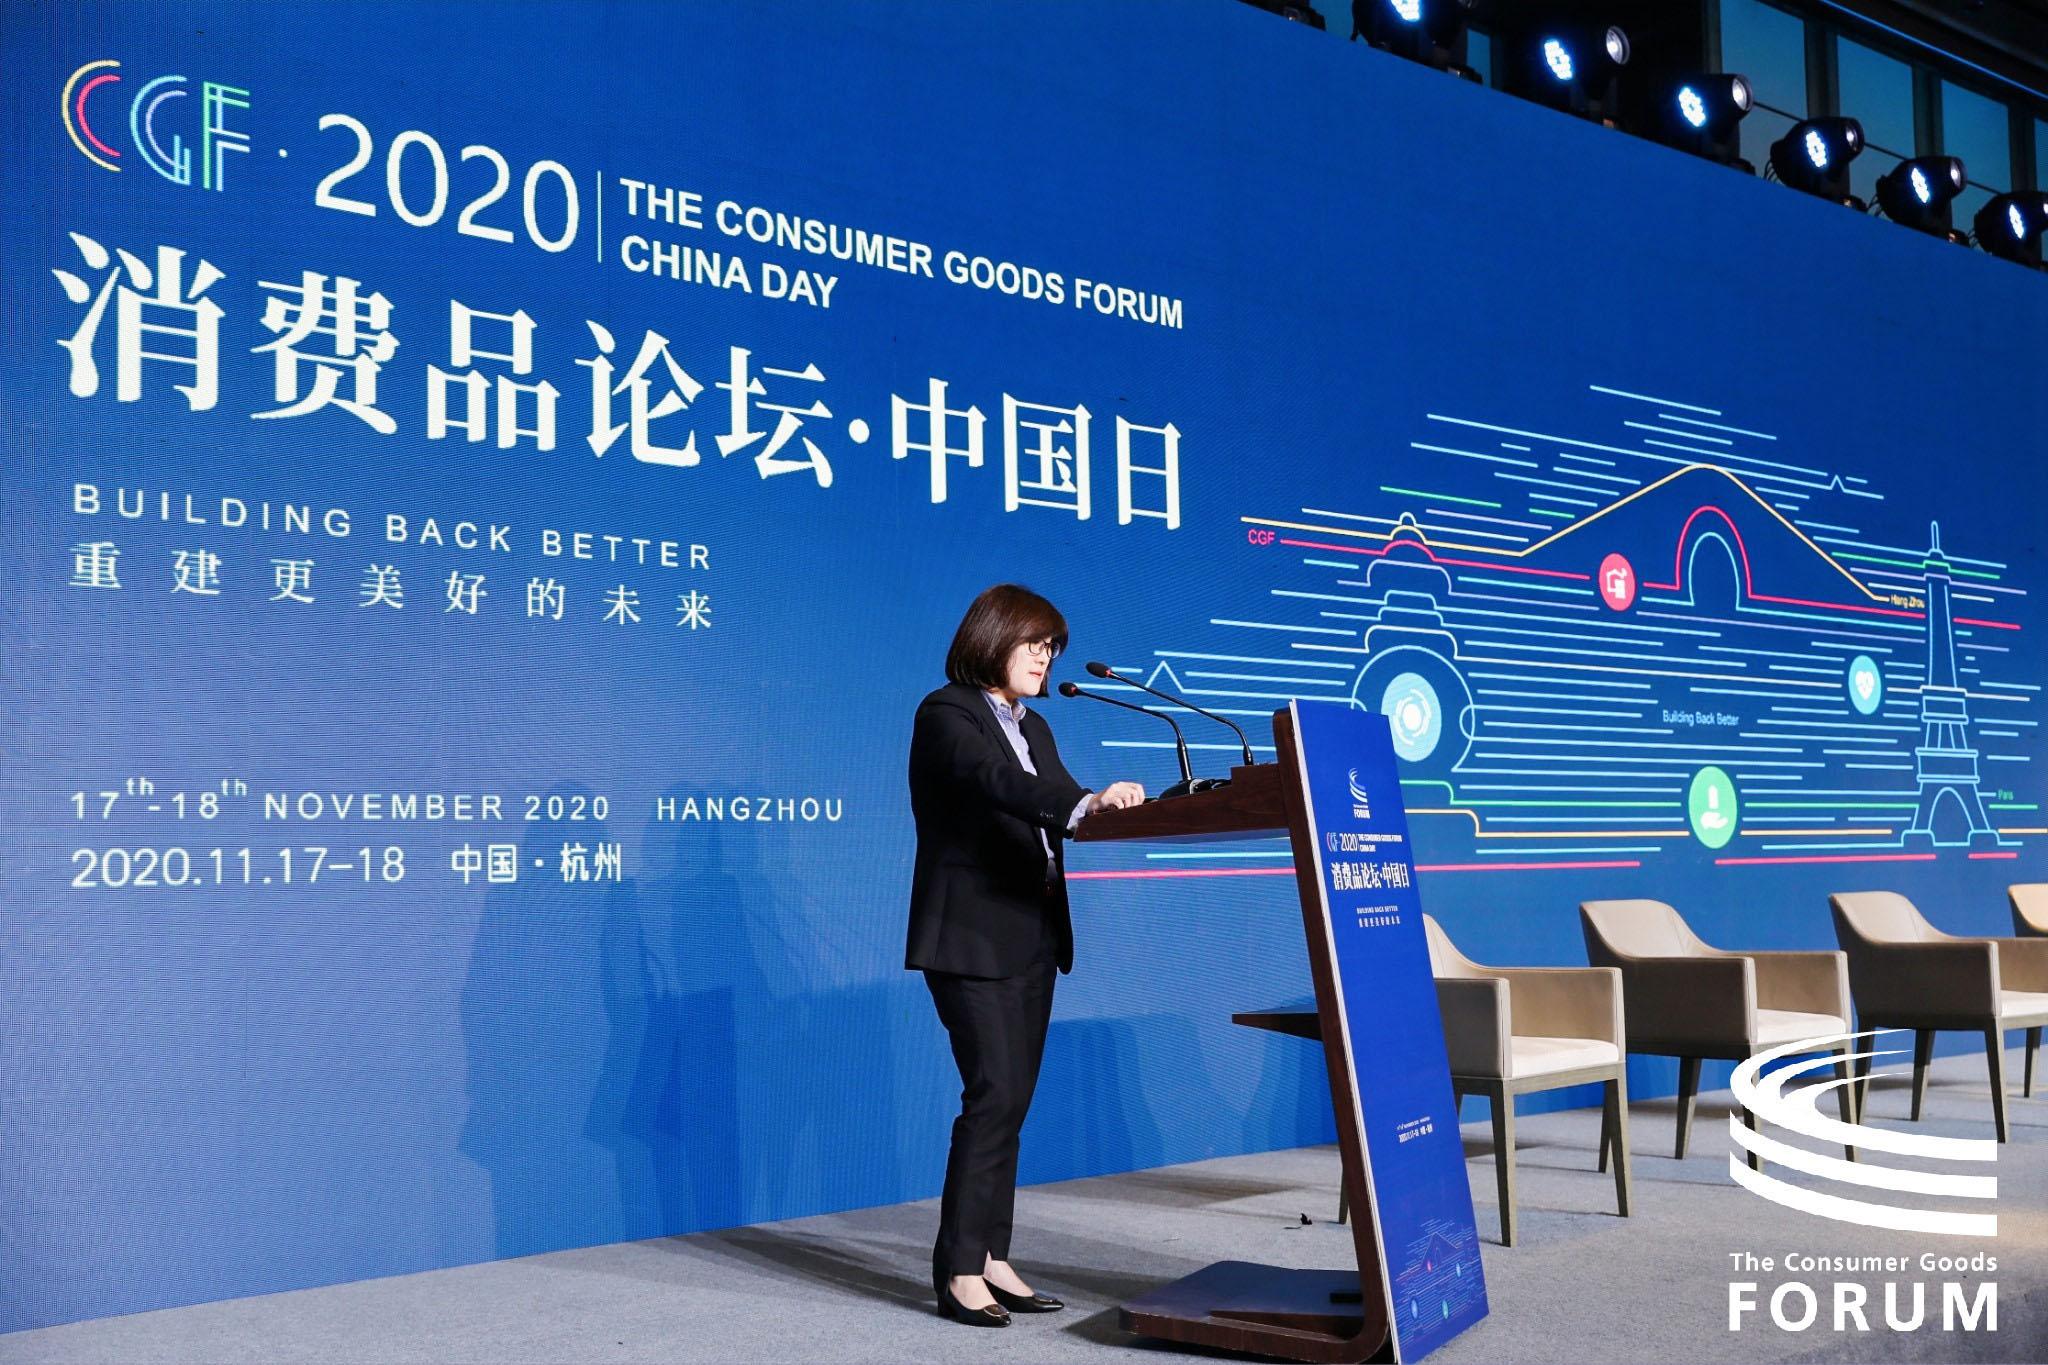 2020第三届消费品论坛(CGF)中国日-12